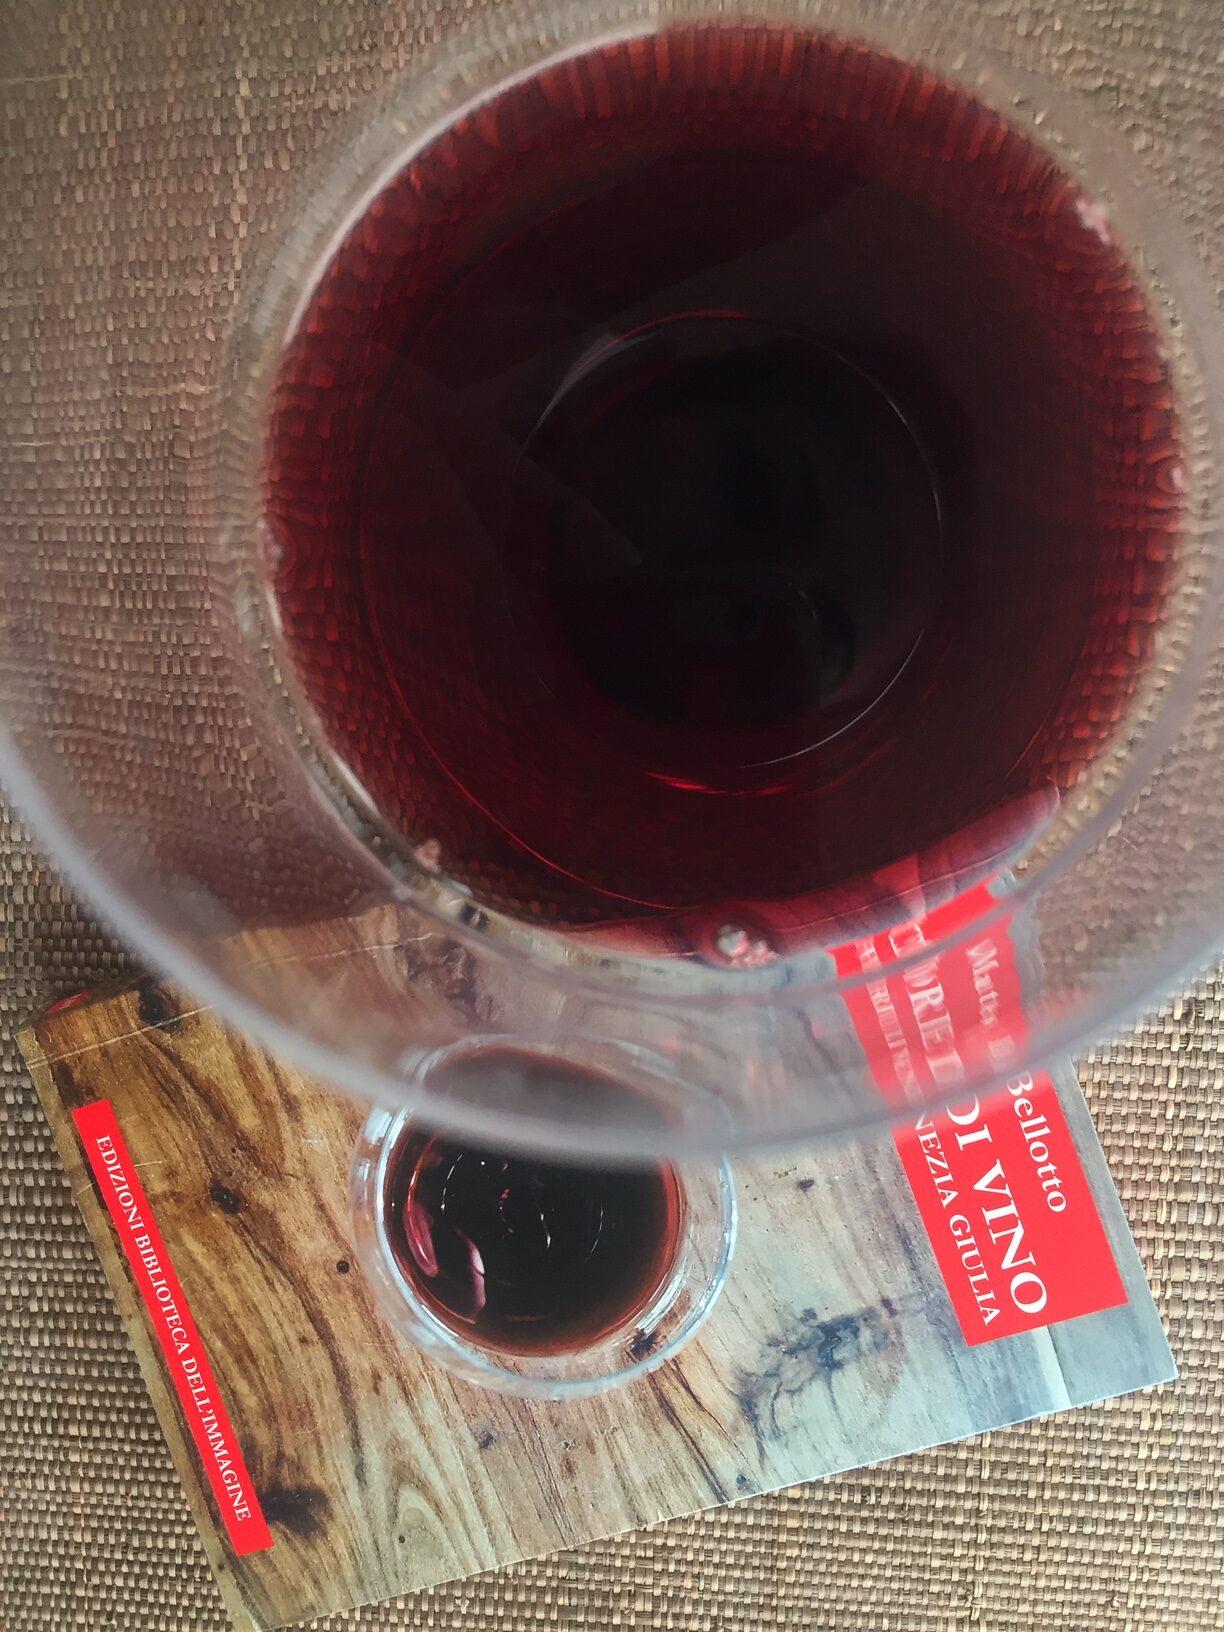 storie di vini del Friuli Venezia Giulia, il libro di Matteo Bellotto con un bicchiere di vino rosso, così come in copertina